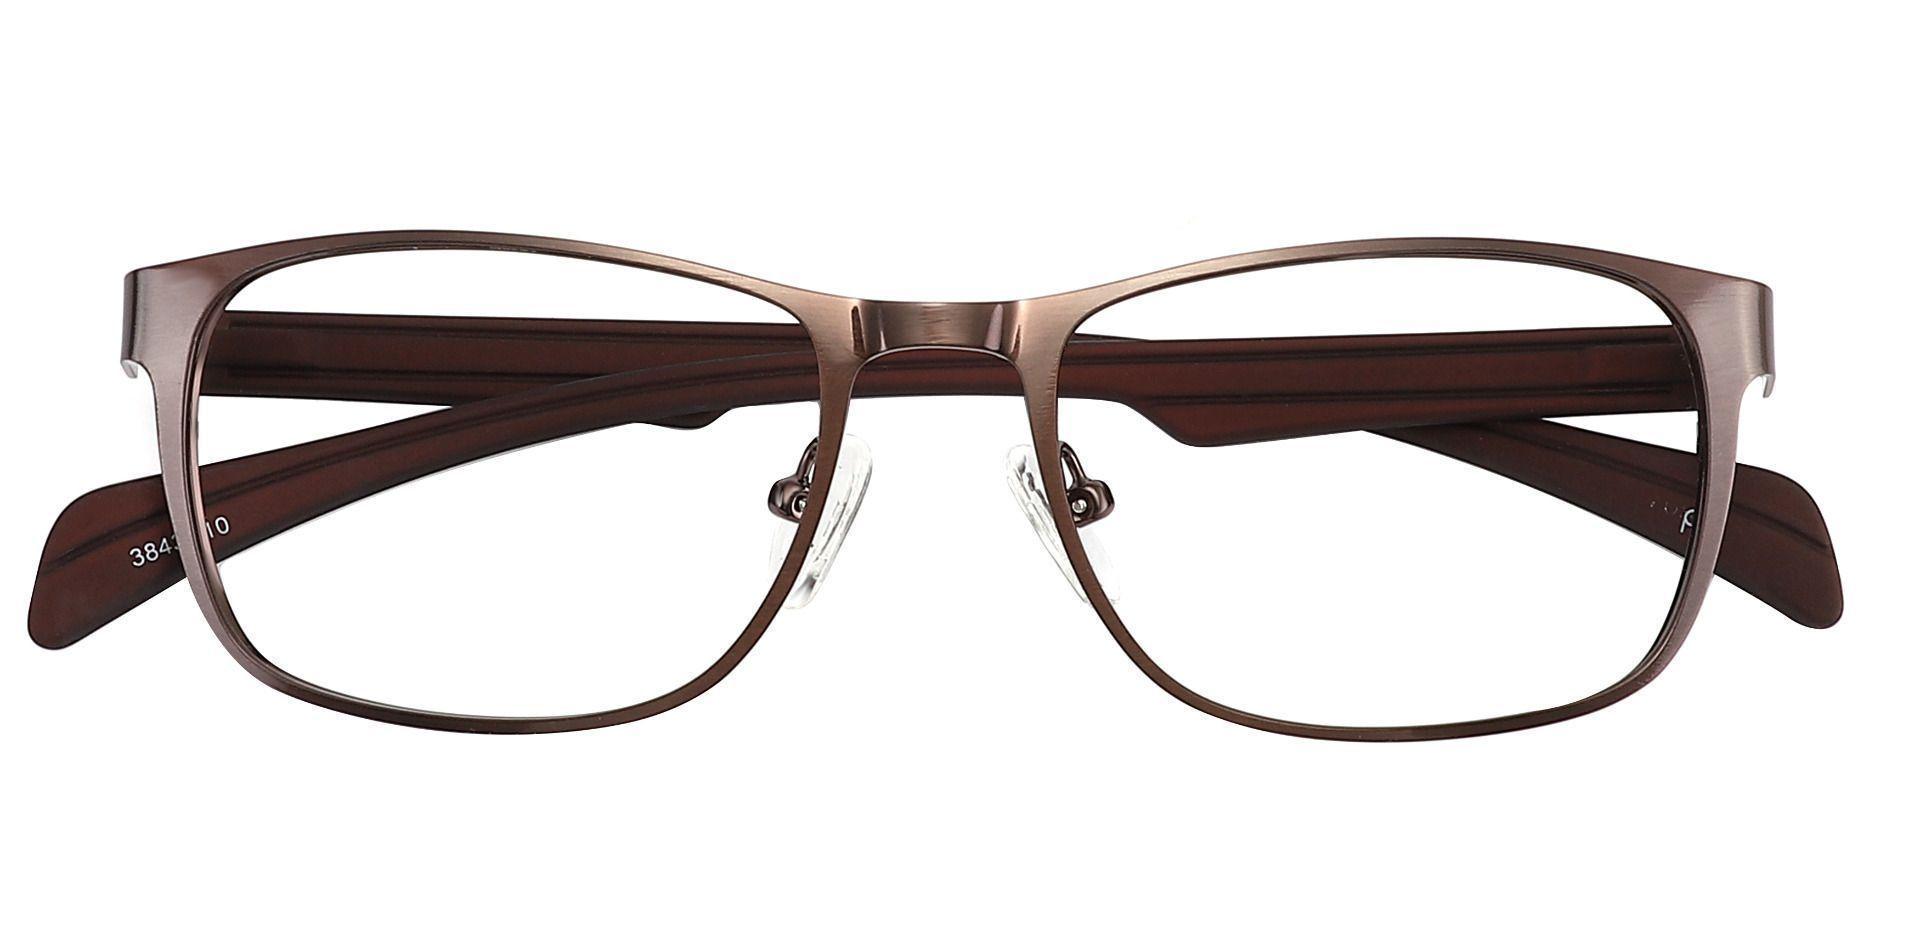 Duncan Rectangle Prescription Glasses - Brown